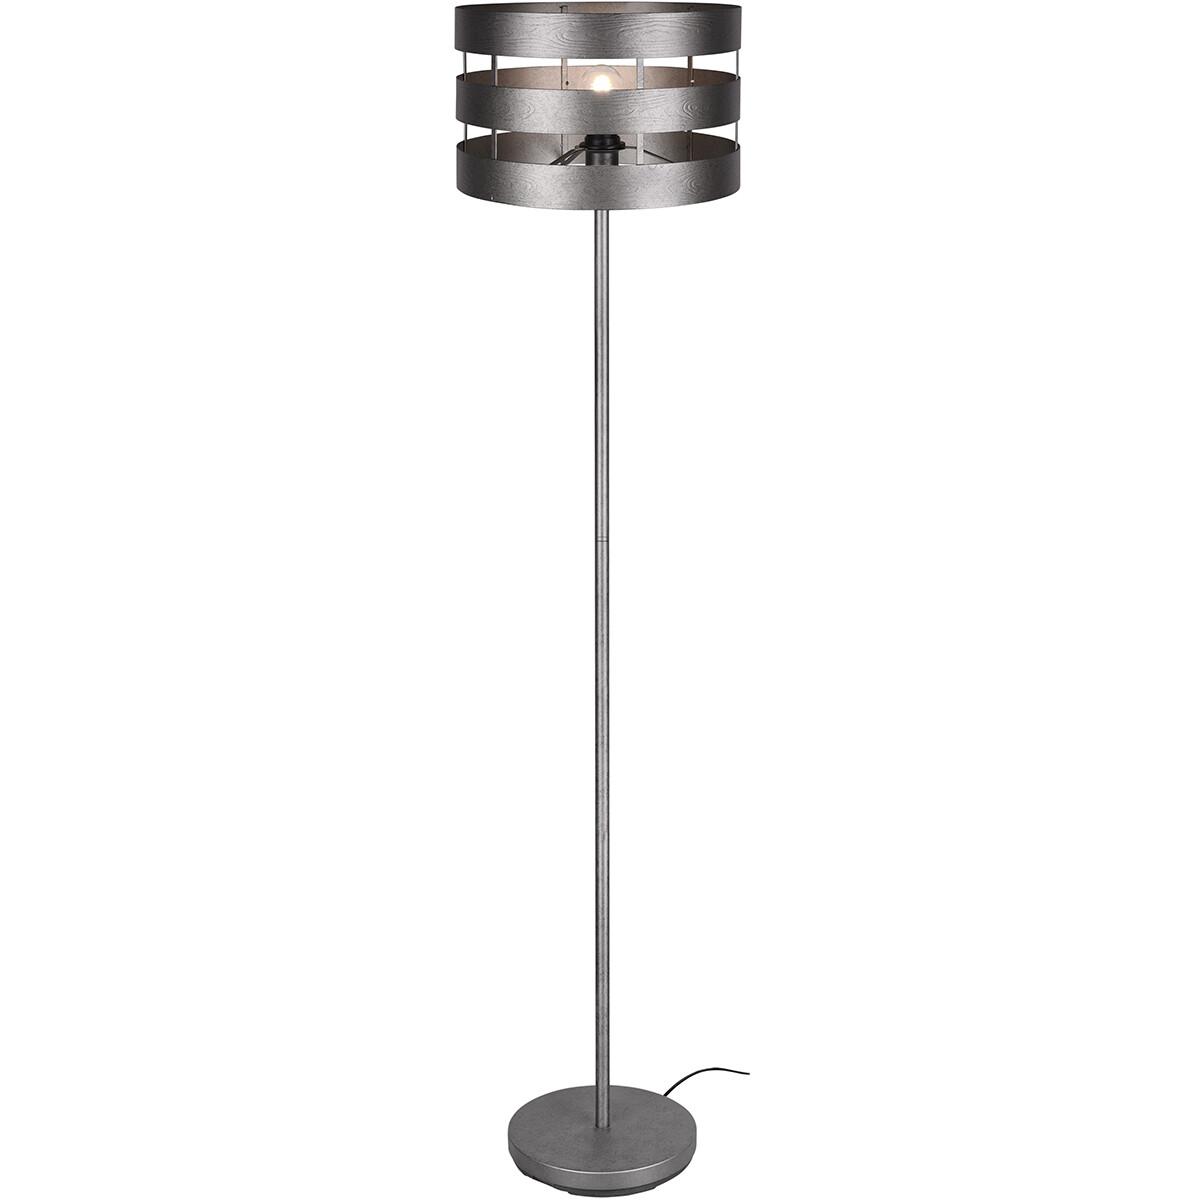 LED Vloerlamp - Trion Doncan - E27 Fitting - Rond - Mat Nikkel - Aluminium